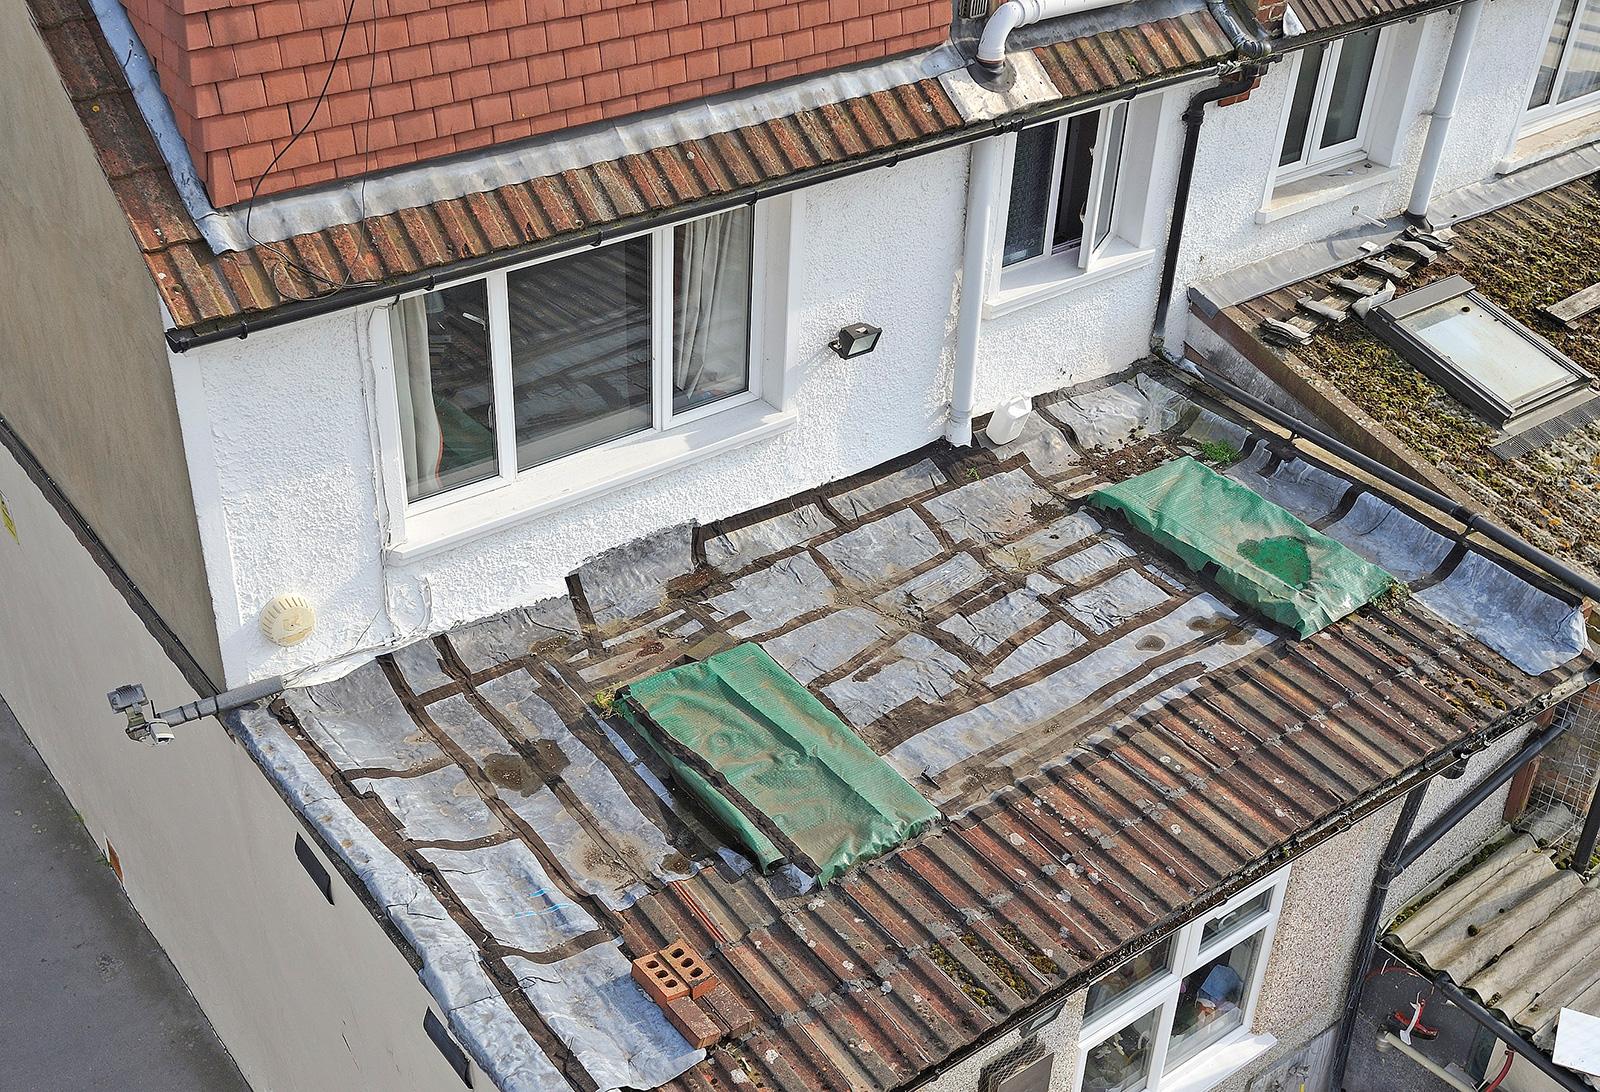 DIY repair on old roof